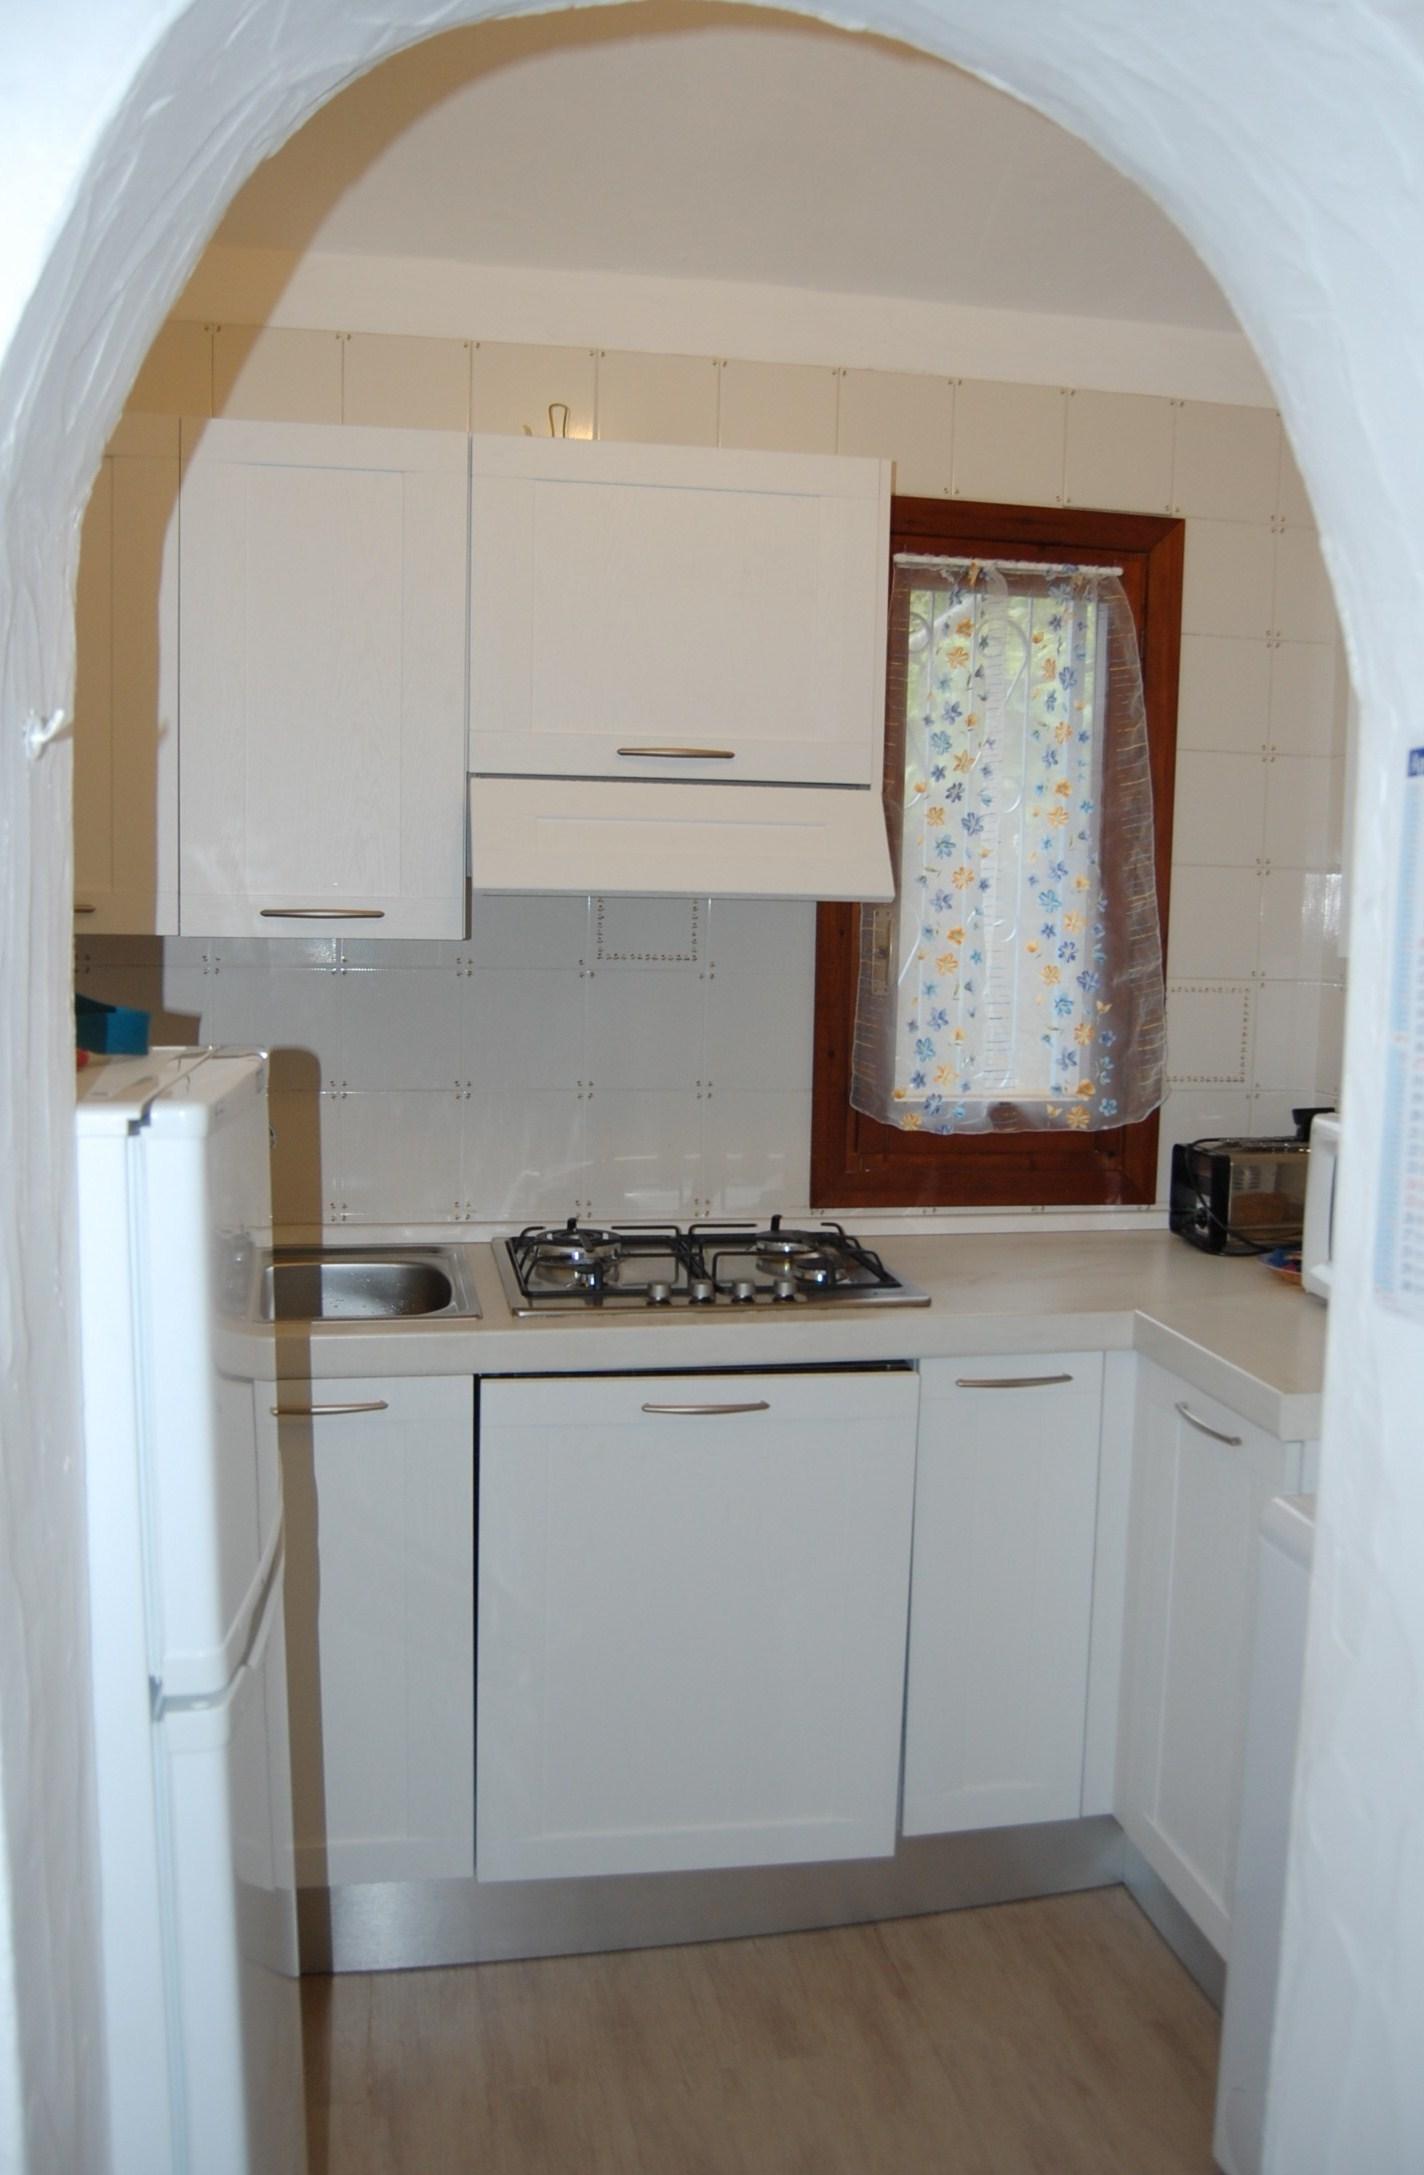 affitto villa mare sarroch 5236 (20130524110526-2013-74453-NDP.JPG)